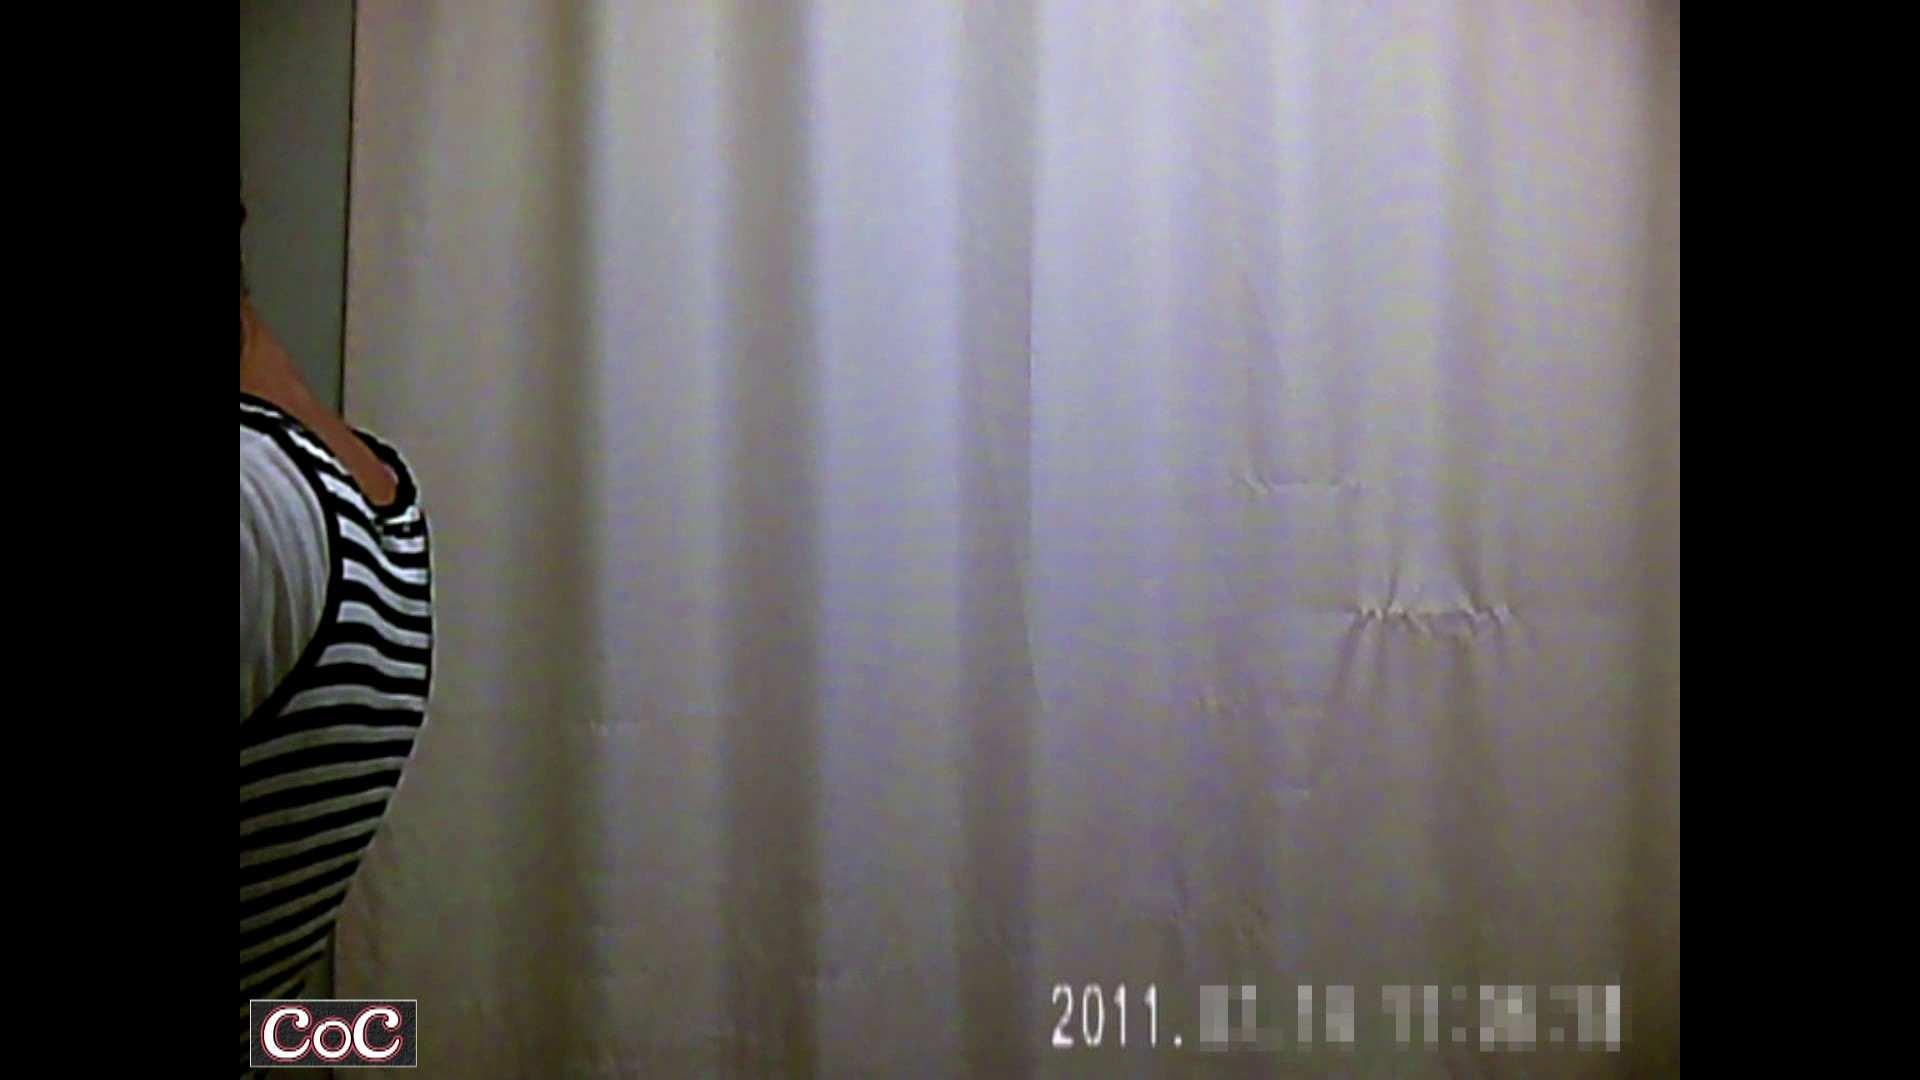 病院おもいっきり着替え! vol.03 乳首 オメコ無修正動画無料 59画像 45